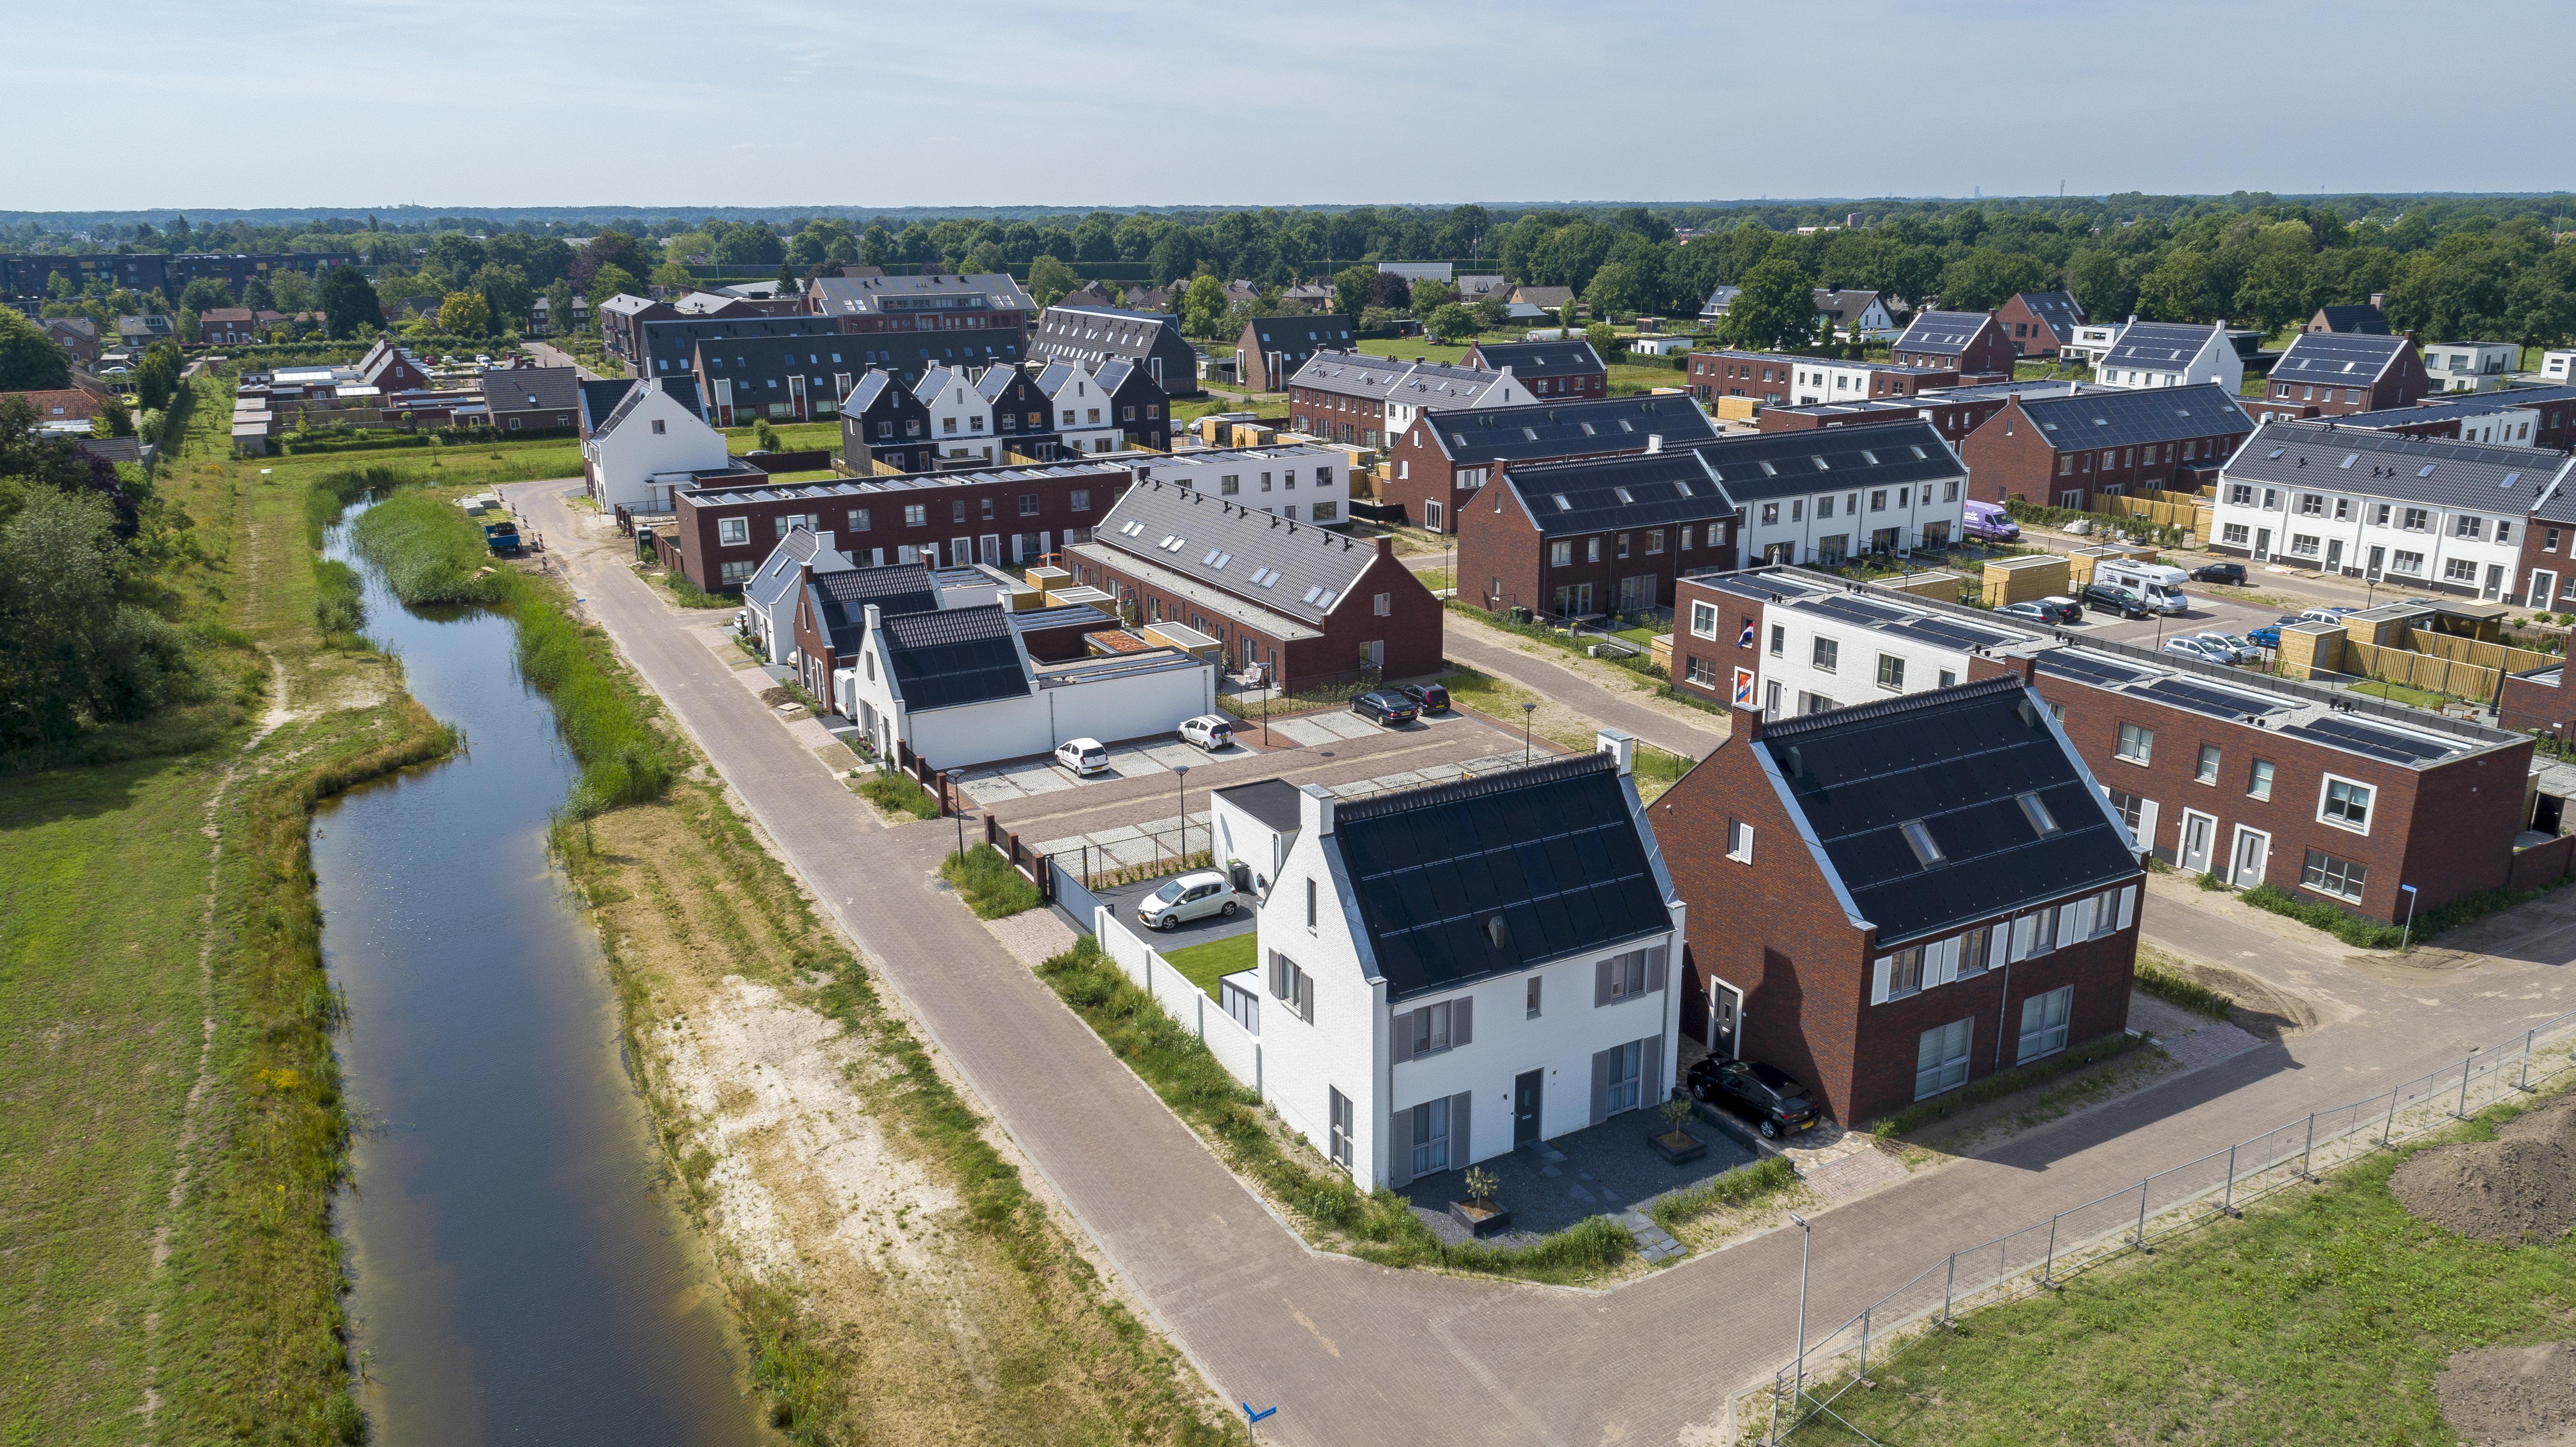 Goede Morgen Geerpark fase 1: 42 koopwoningen, 56 sociale huur, 8 vrije sector huur